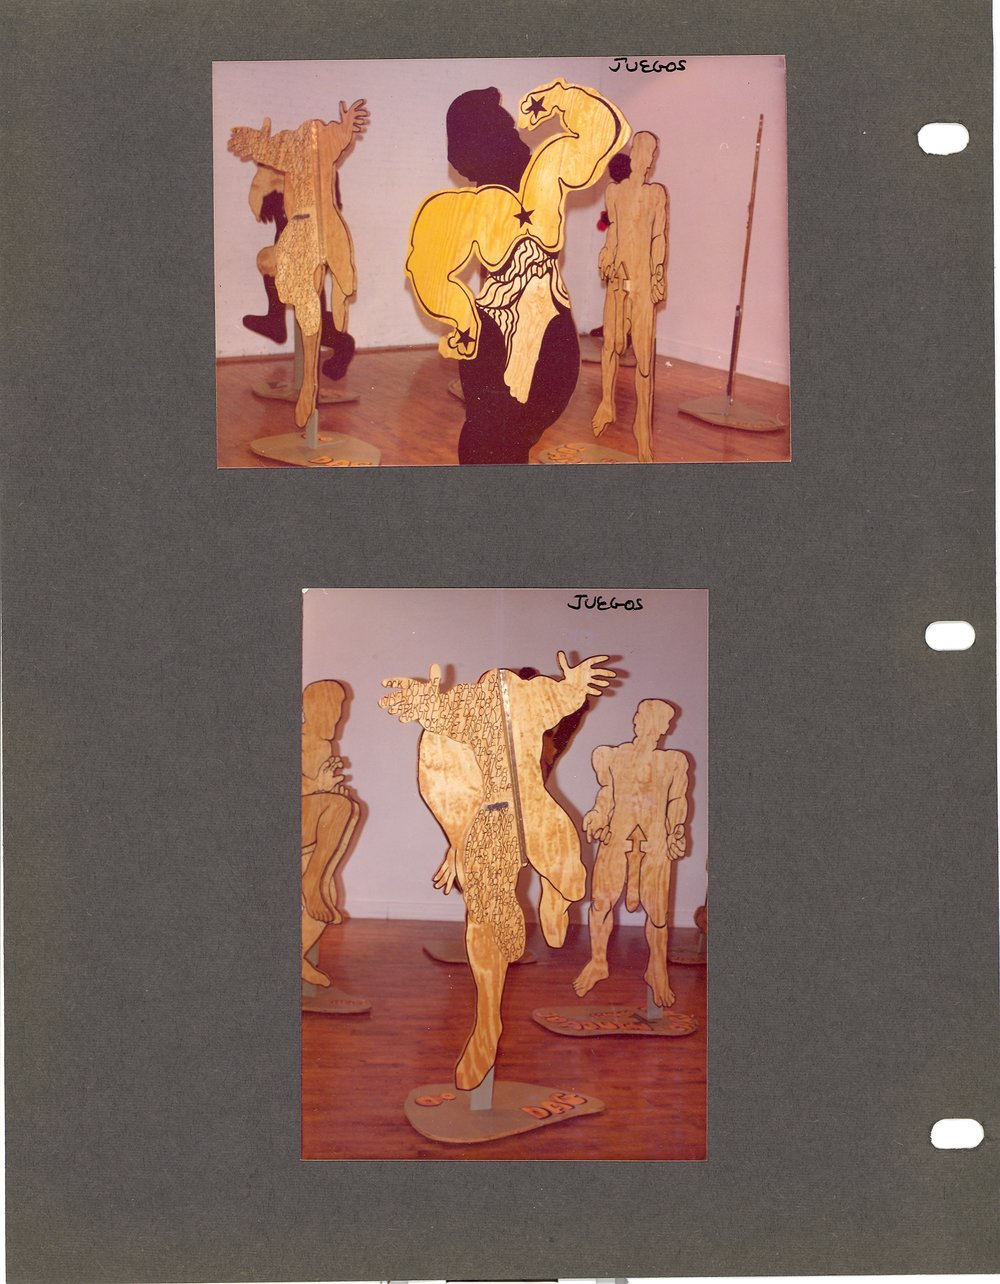 Juegos - Panels 2.jpg